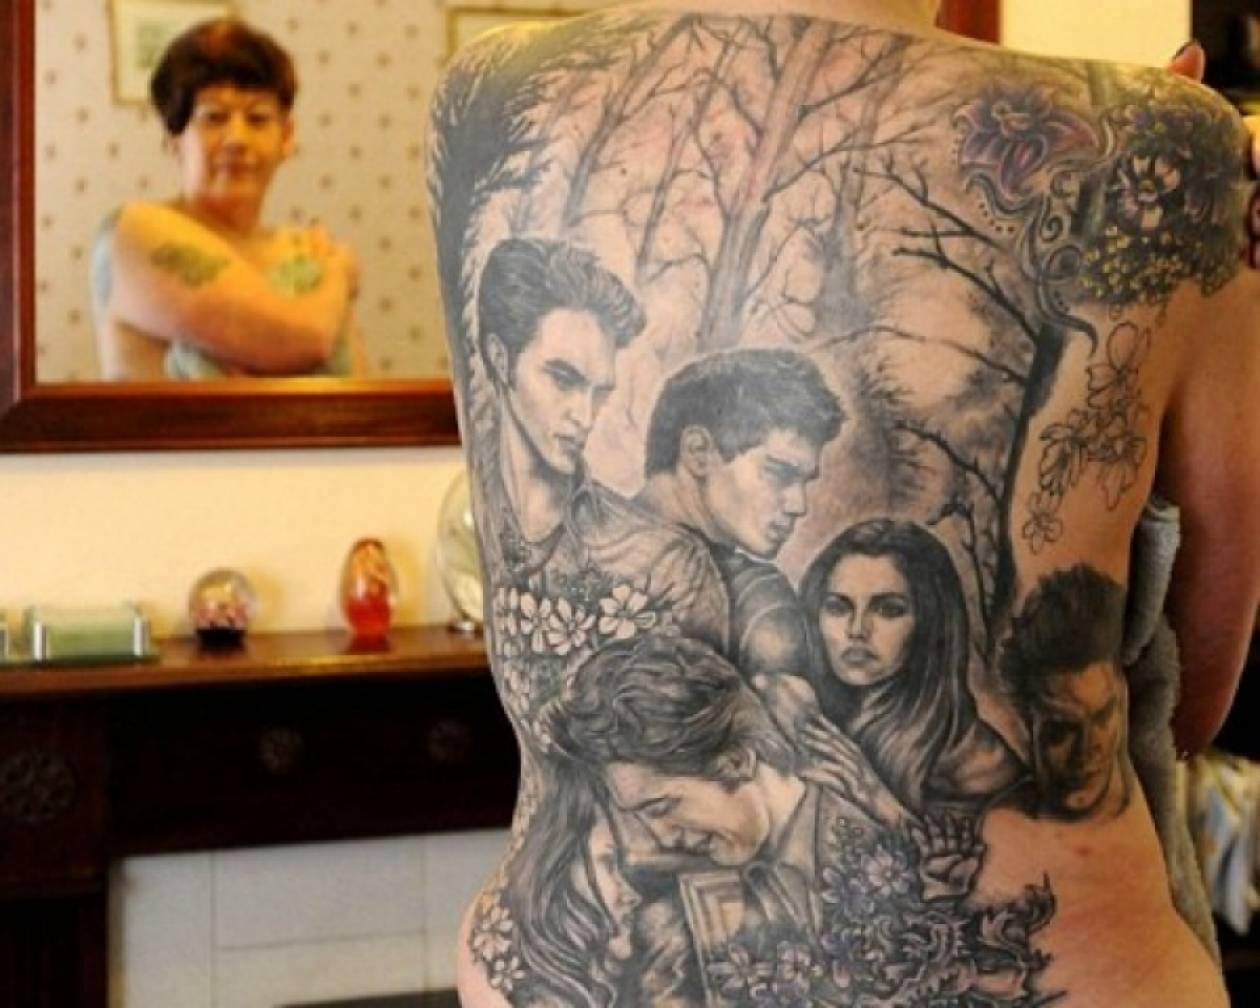 Γέμισε το σώμα της τατουάζ Twilight!